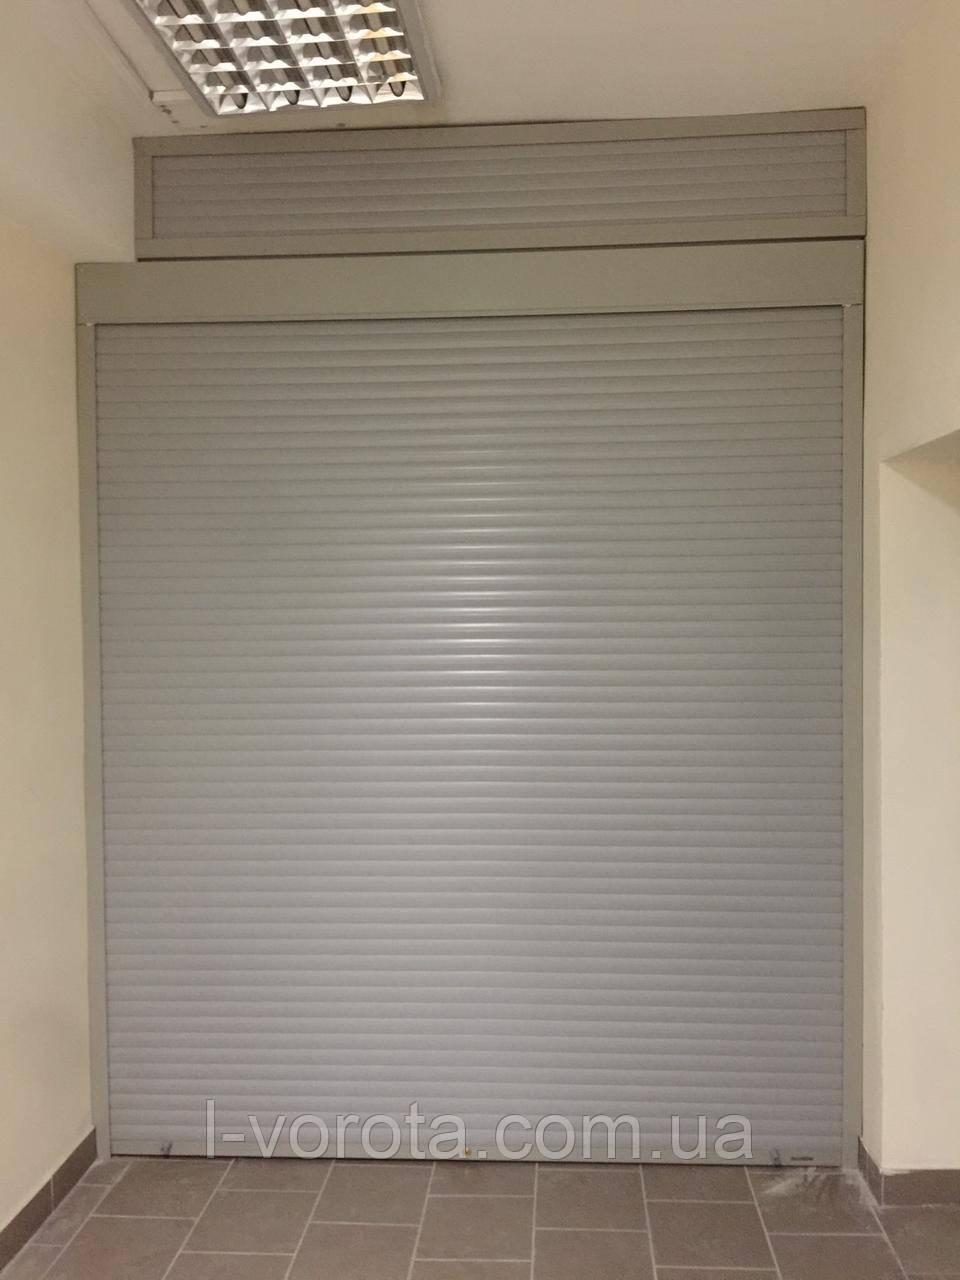 Алюминиевые роллеты (рольставни) DoorHan ш2200, в2500